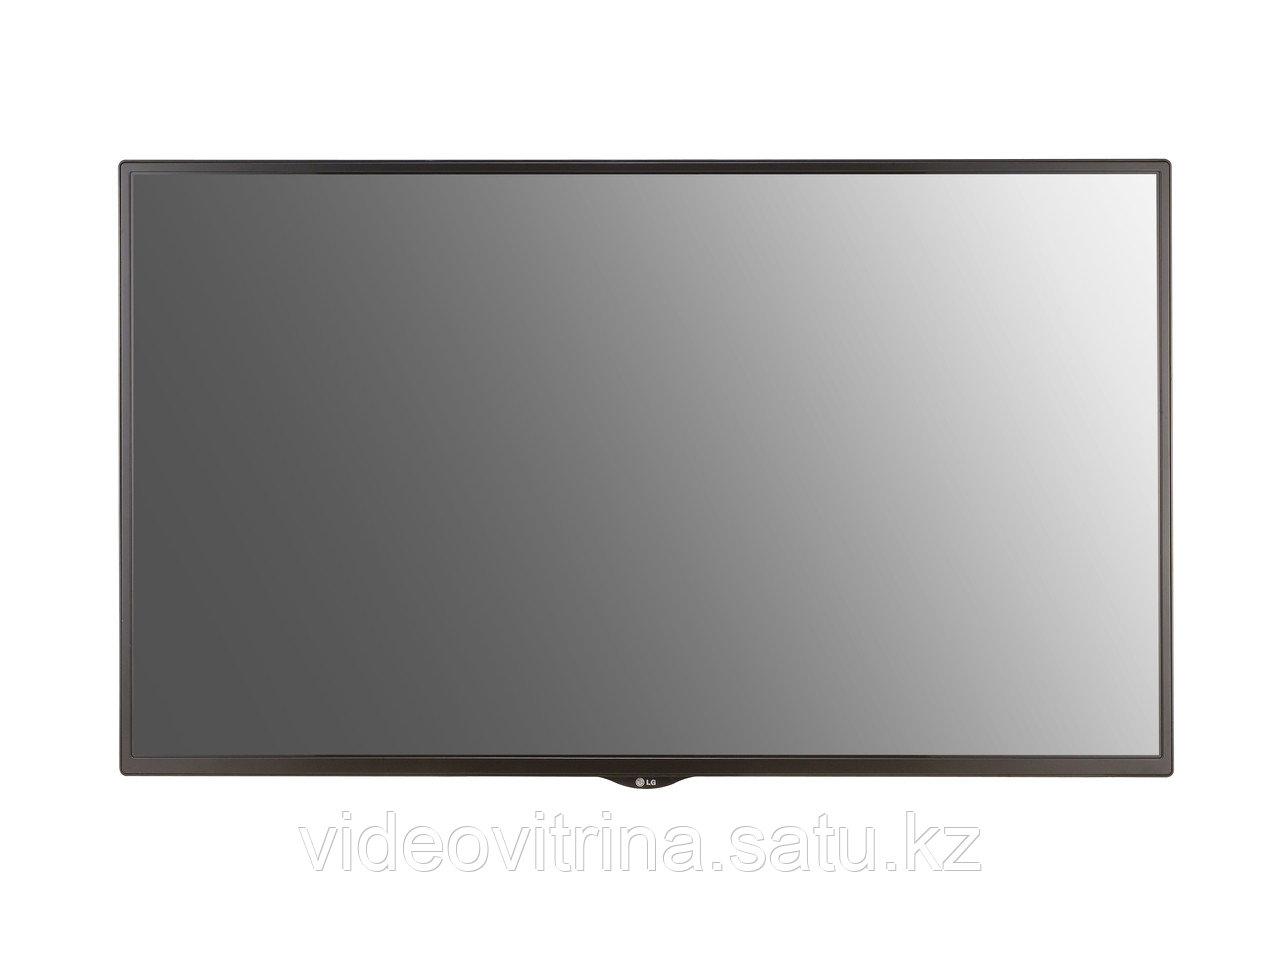 LG 43SE3B, отдельностоящий рекламный, Яркость: 350 кд/м2, 18/7, Wi-Fi ready - фото 2